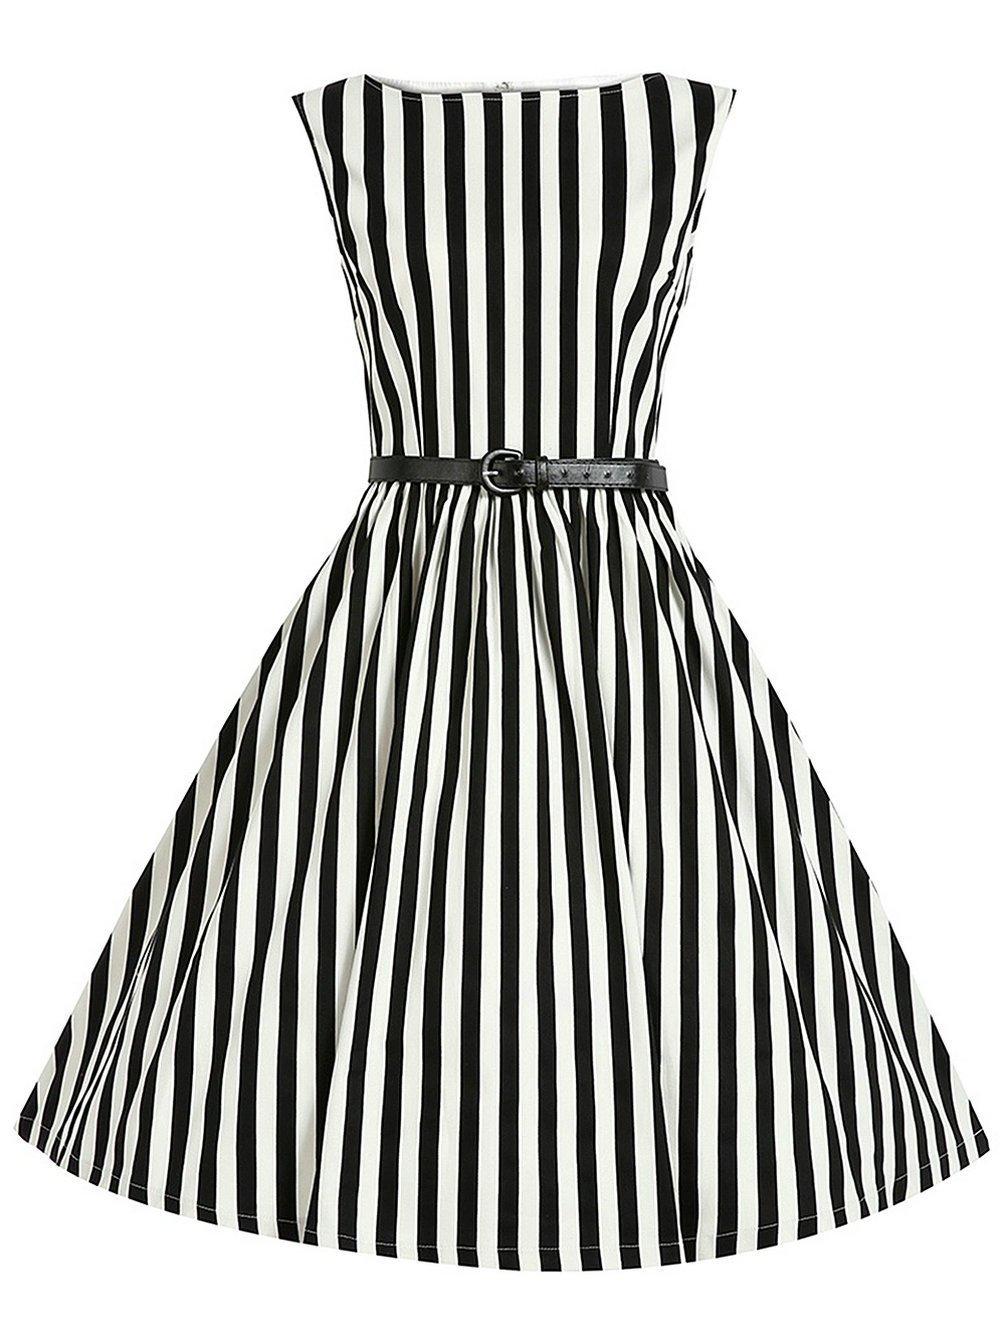 MisShow 1950s Hepburn Style Sleevless Vintage Stripe Retro Belt Swing Dresses